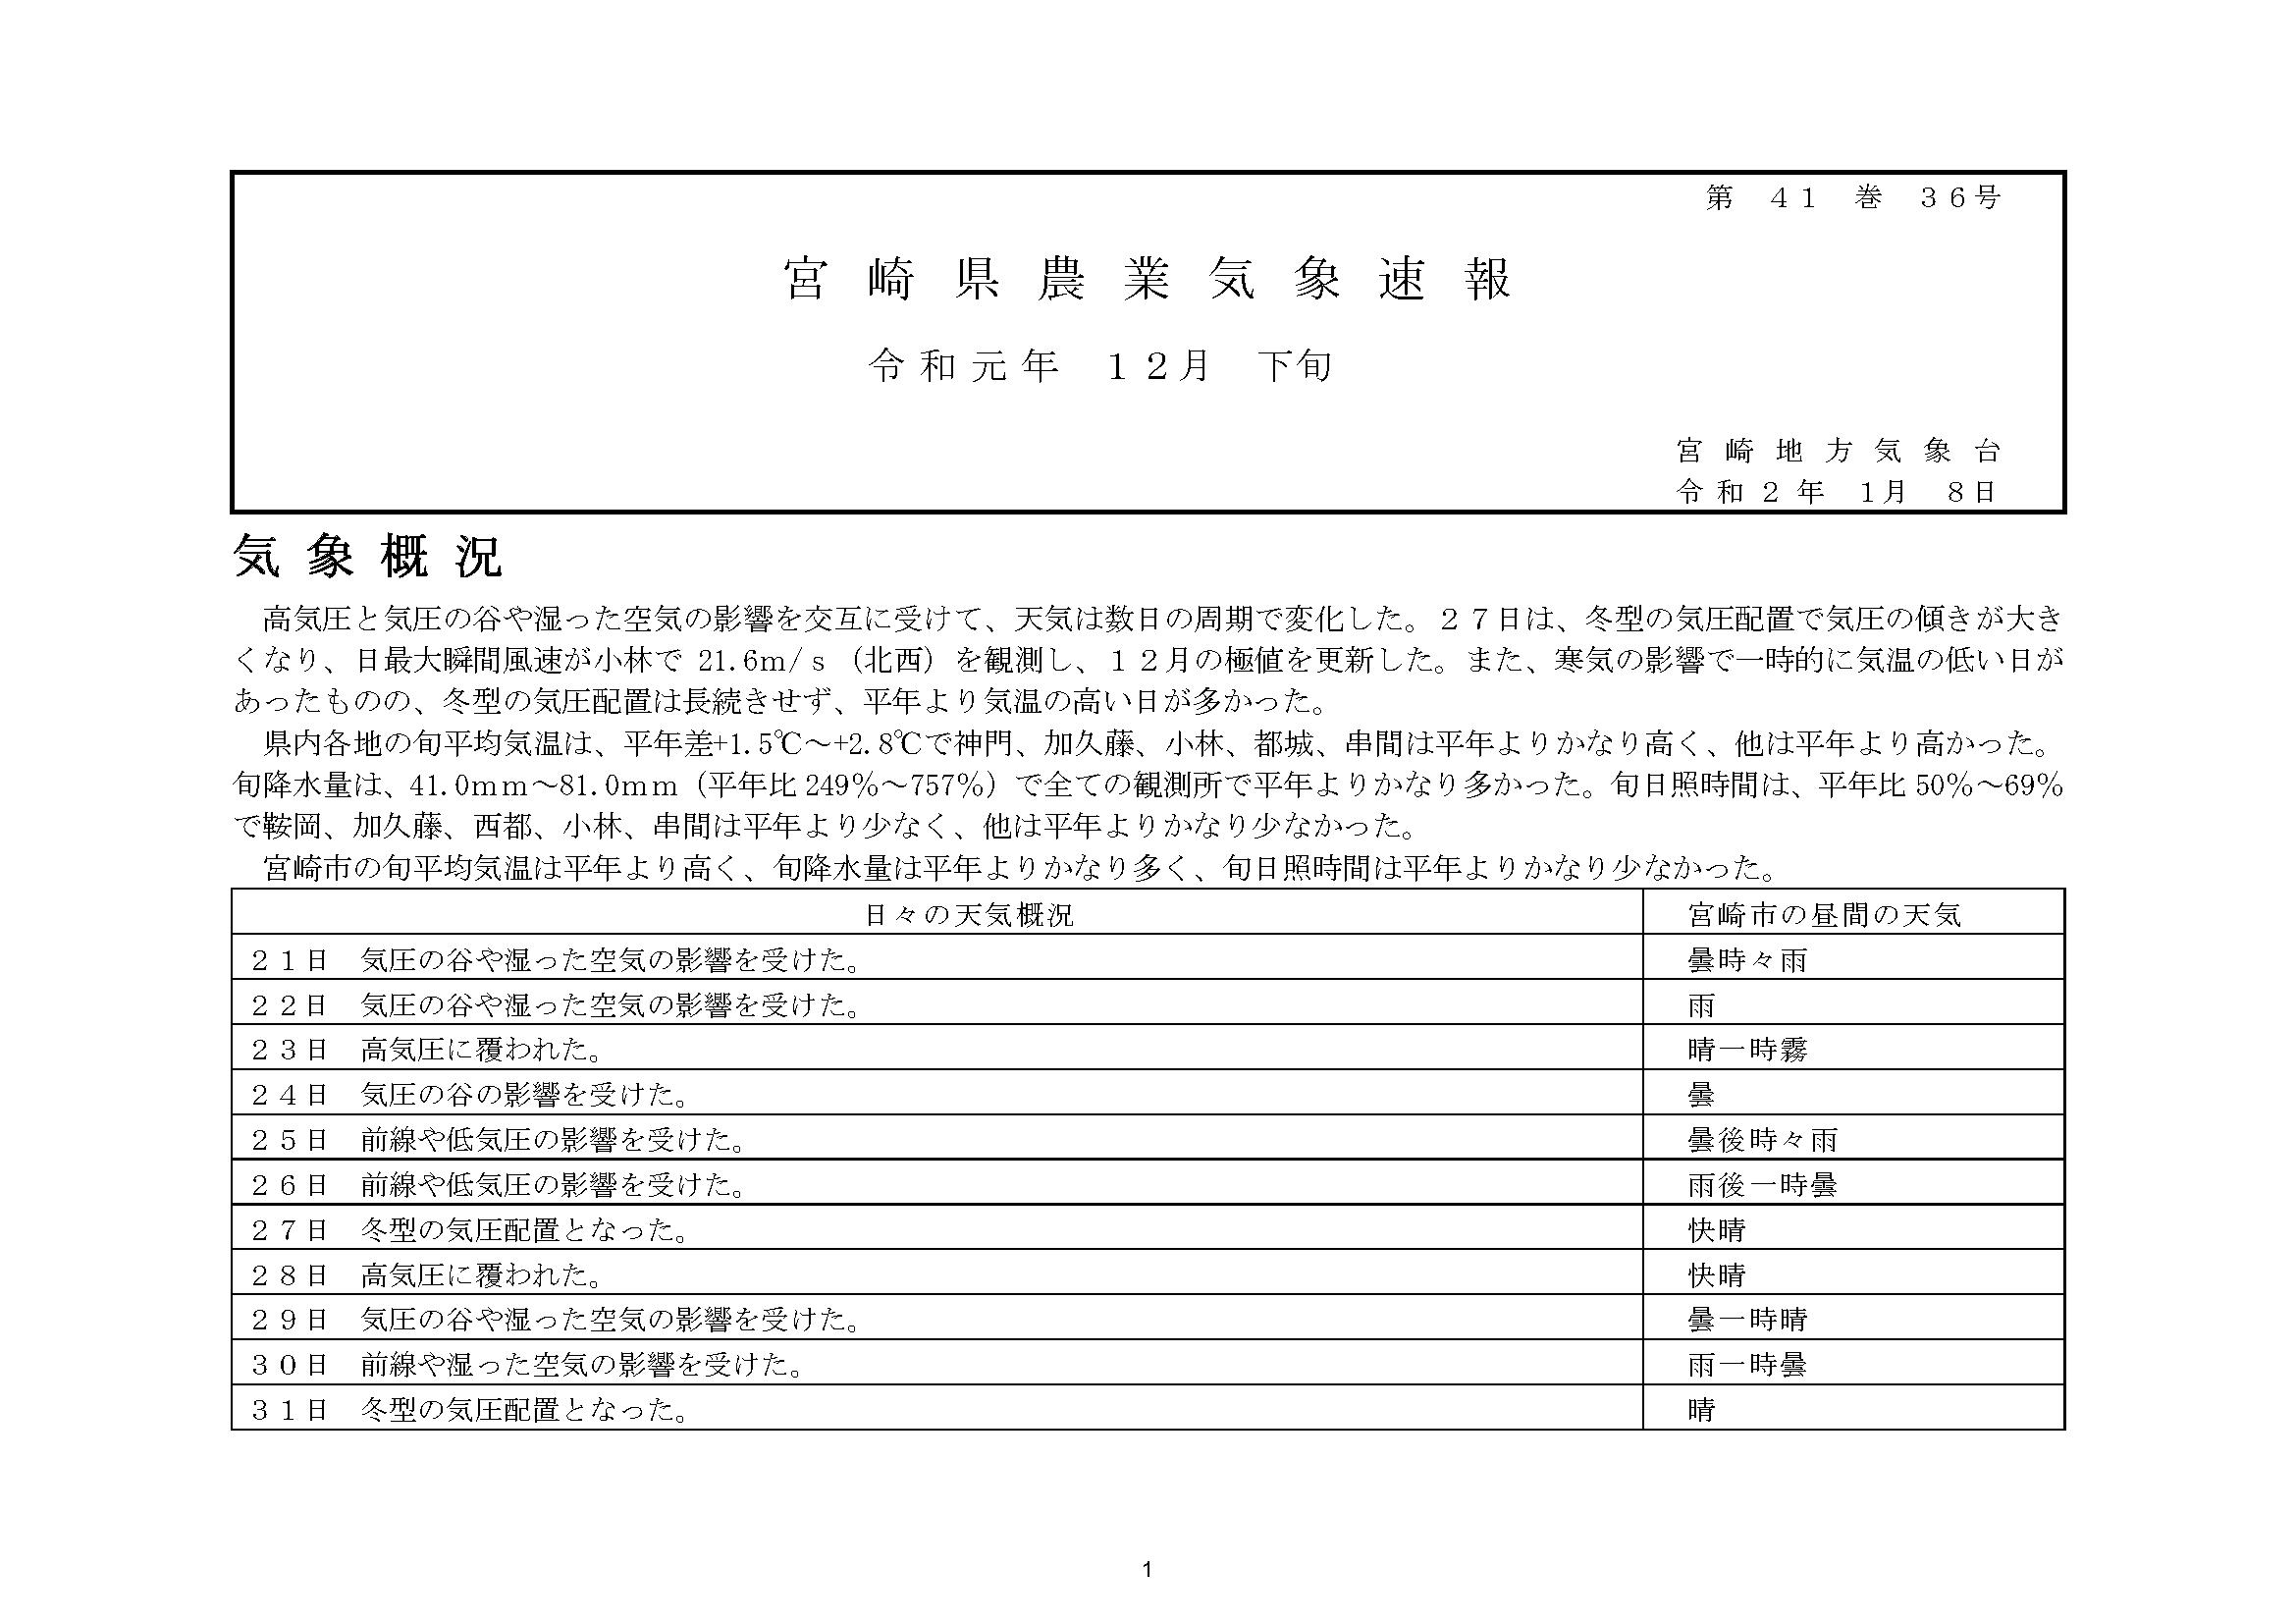 宮崎県農業気象速報令和元年12月下旬PDF